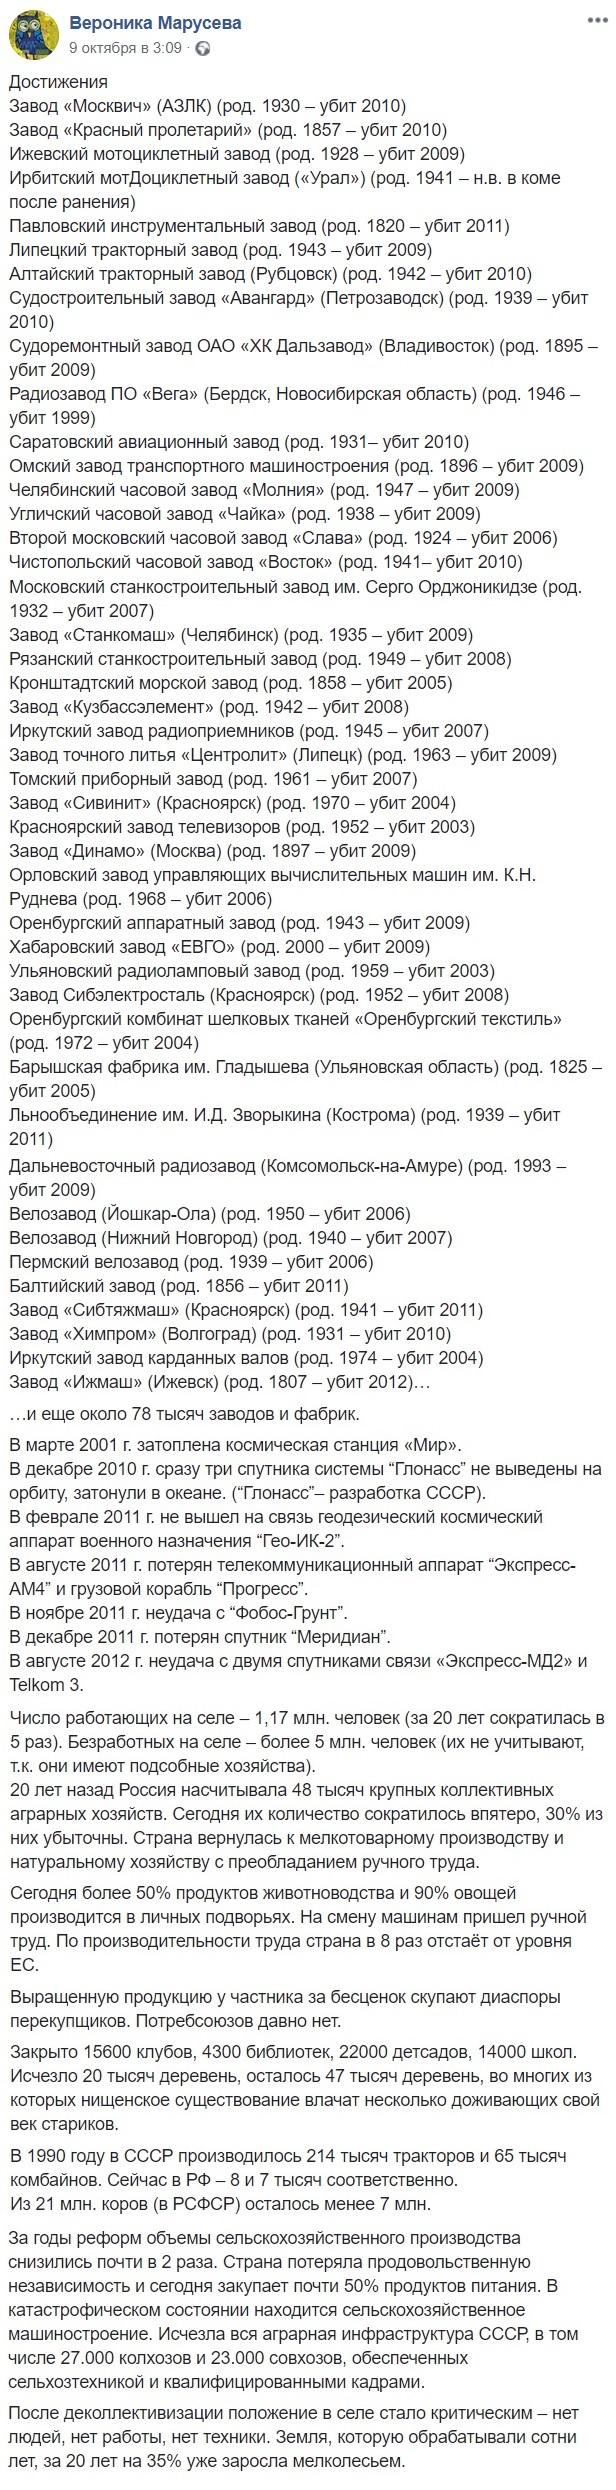 За четверть века в России исчезли 78 тысяч заводов и фабрик Длиннопост, Россия, Завод, Достижение